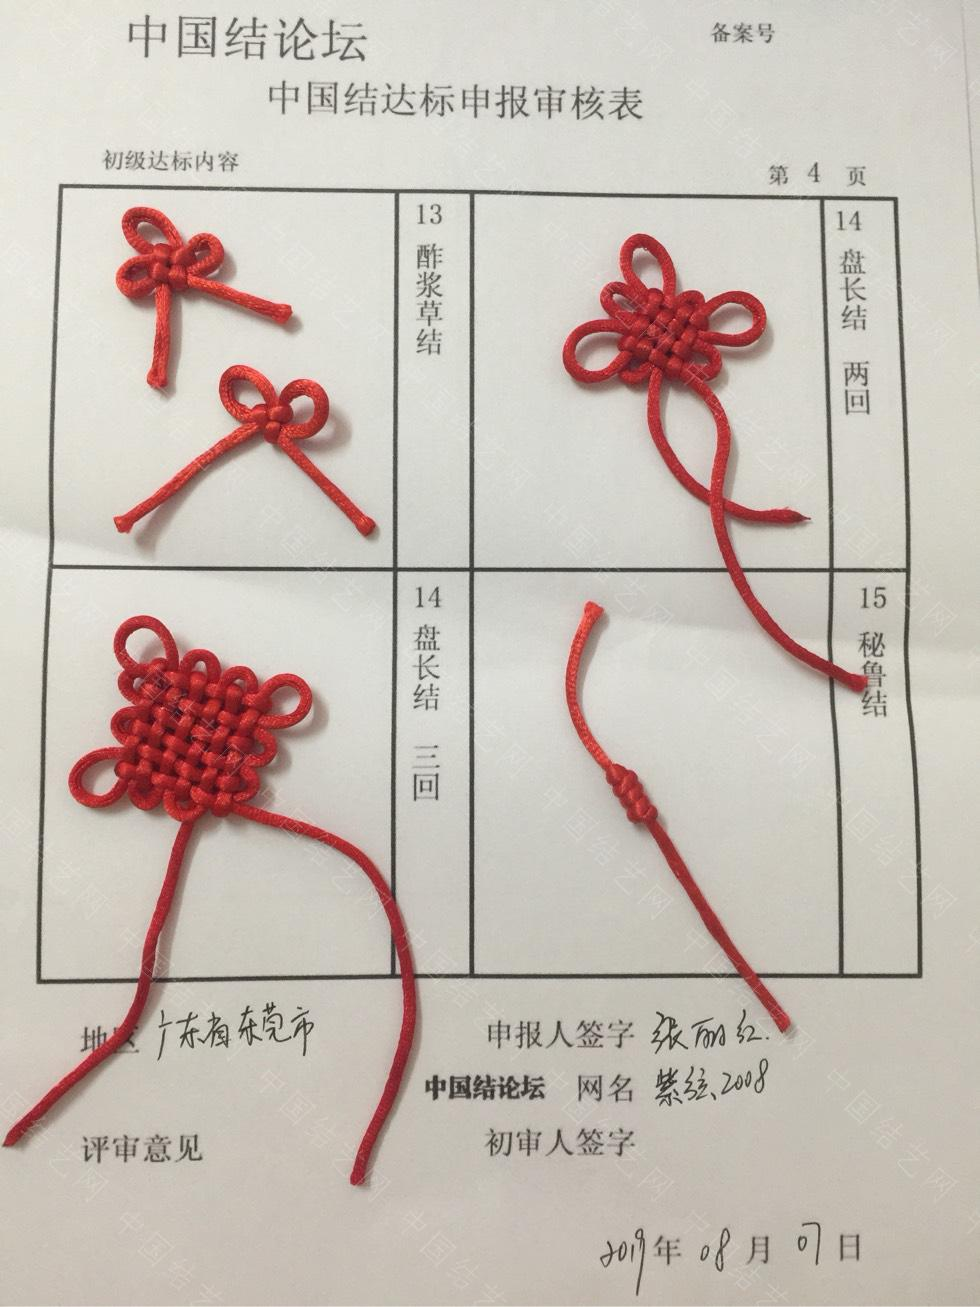 中国结论坛 紫弦2008--初级达标申请稿件 紫袖红弦是什么意思,自备稿件《我》,蓬莱间紫弦插曲,安全小稿件 中国绳结艺术分级达标审核 004517jvommdt1vtk1dpss